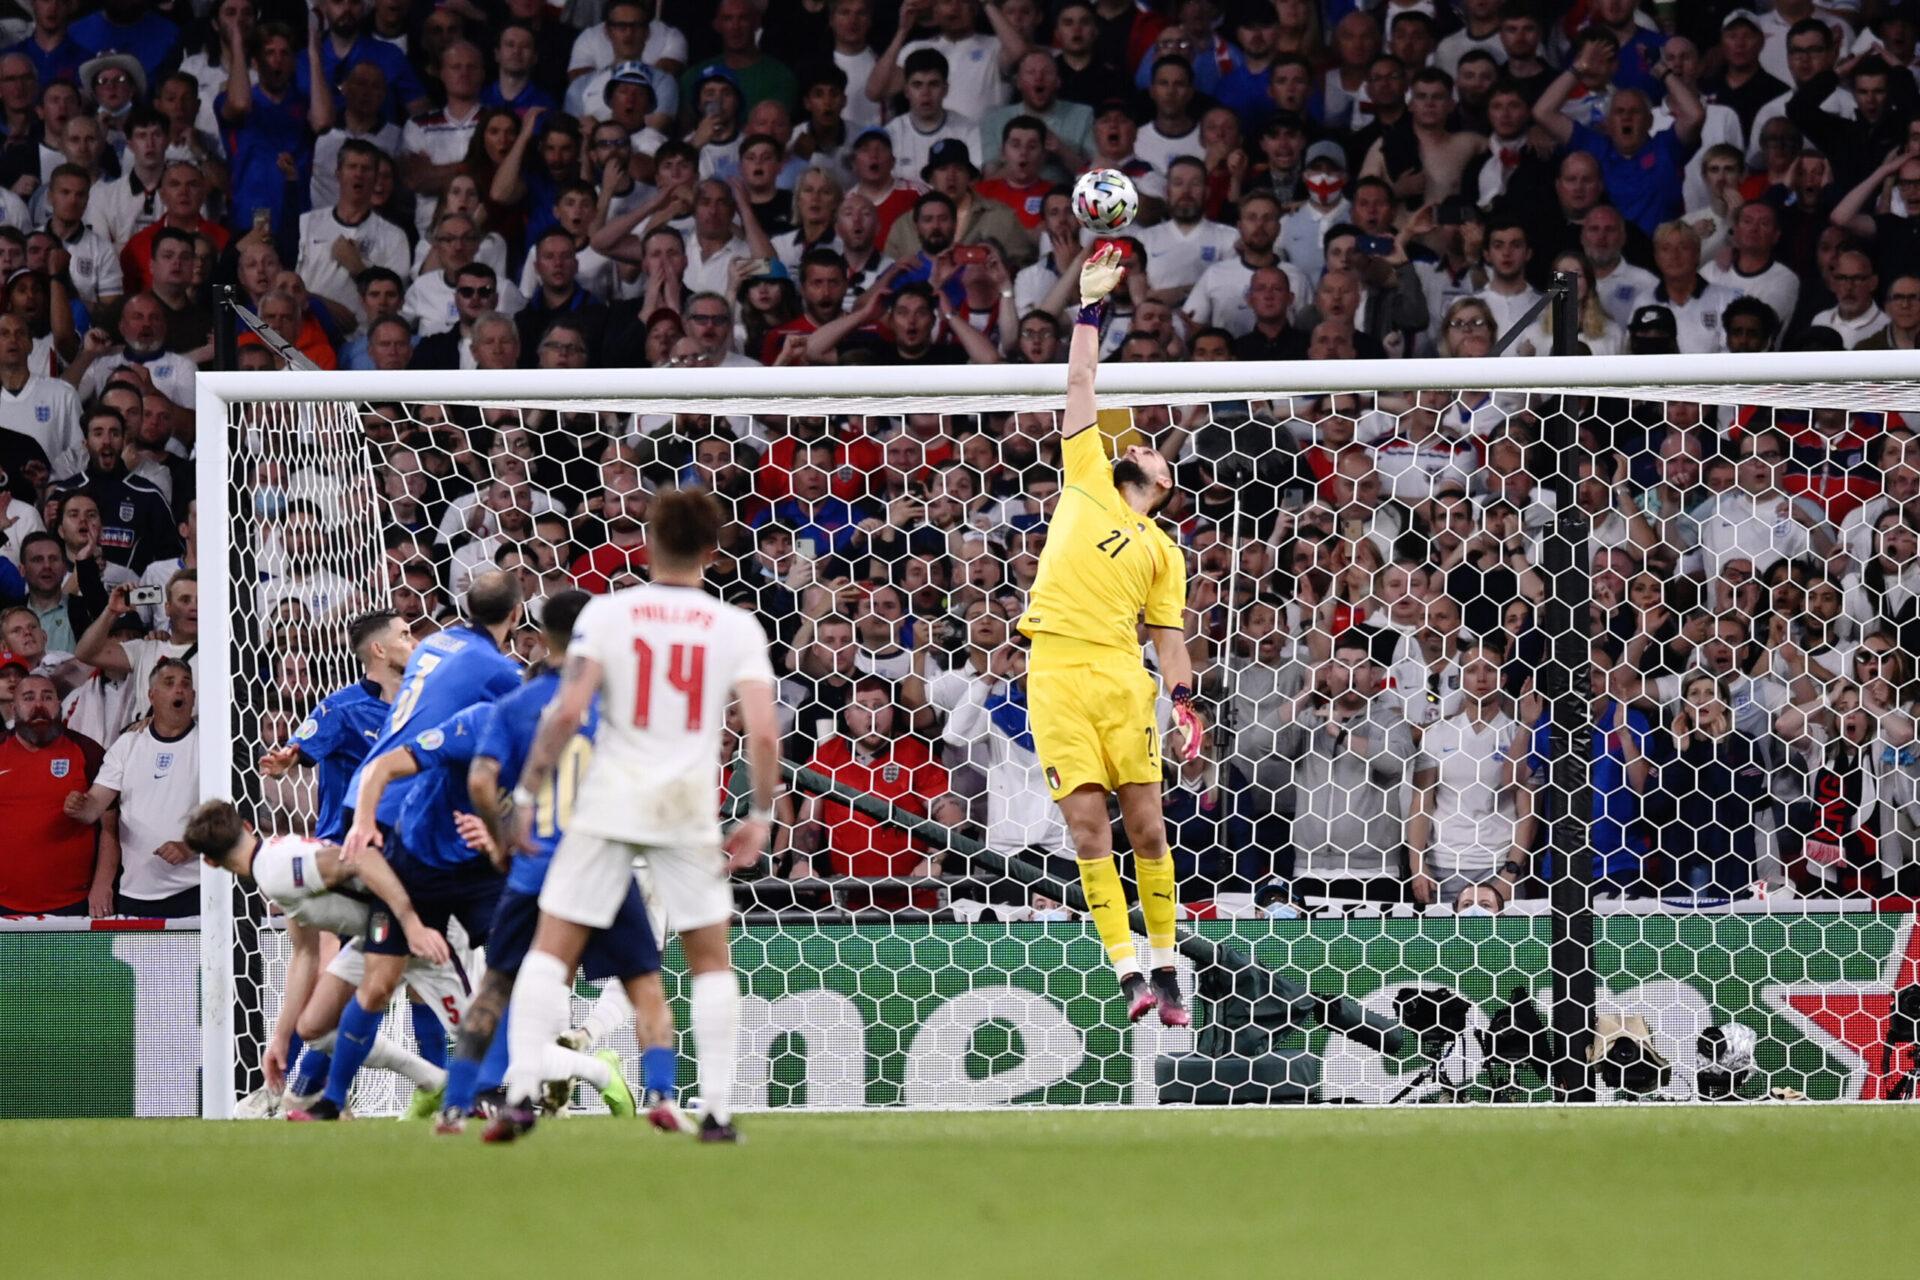 Gianluigi Donnarumma, meilleur joueur de l'Euro 2020 et futur gardien du PSG. Icon Sport